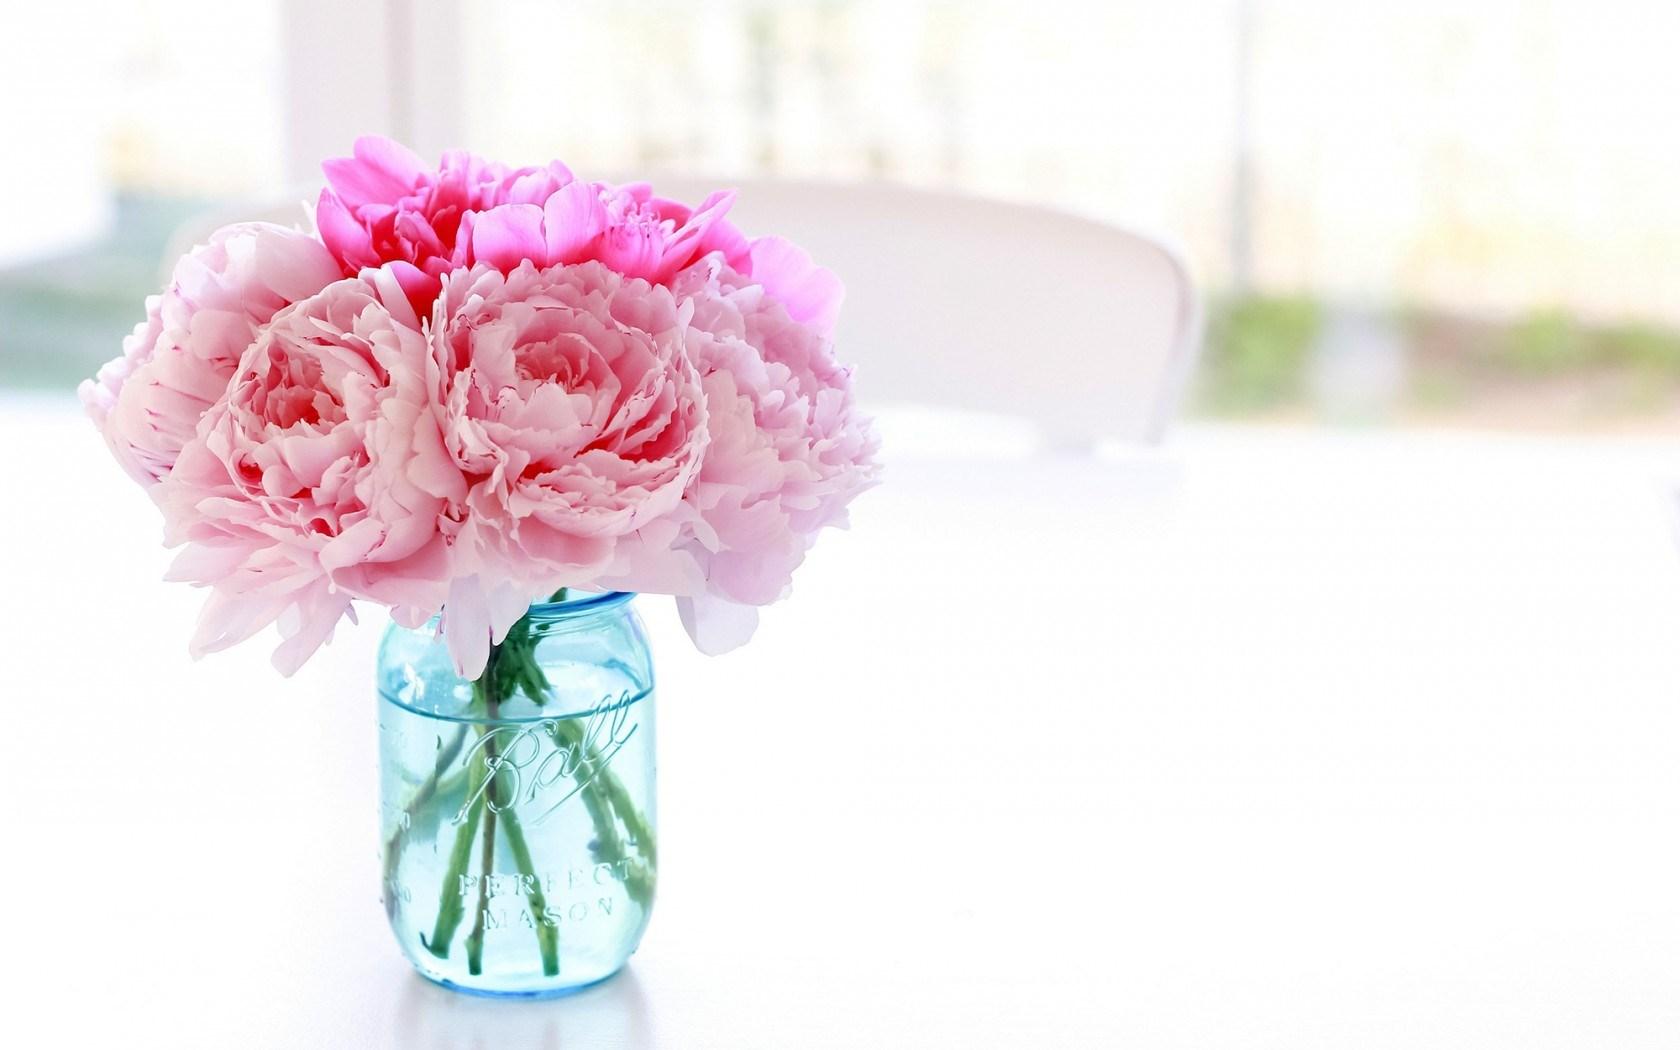 Wallpaper Cars Peonies Flowers Pink Jar Hd Desktop Wallpapers 4k Hd